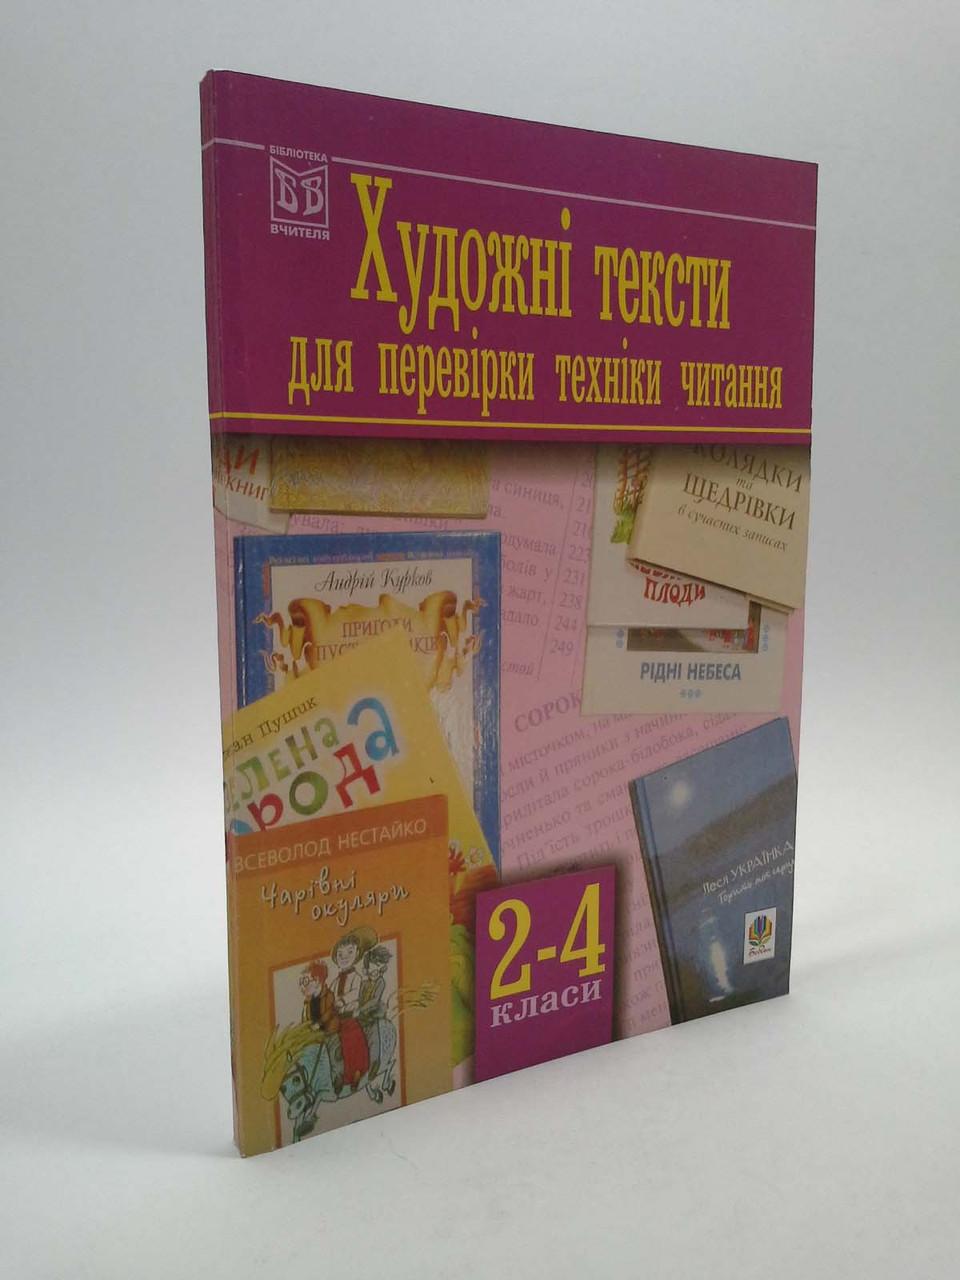 Богдан Художні тексти для перевірки техніки читання 002-04 кл Будна